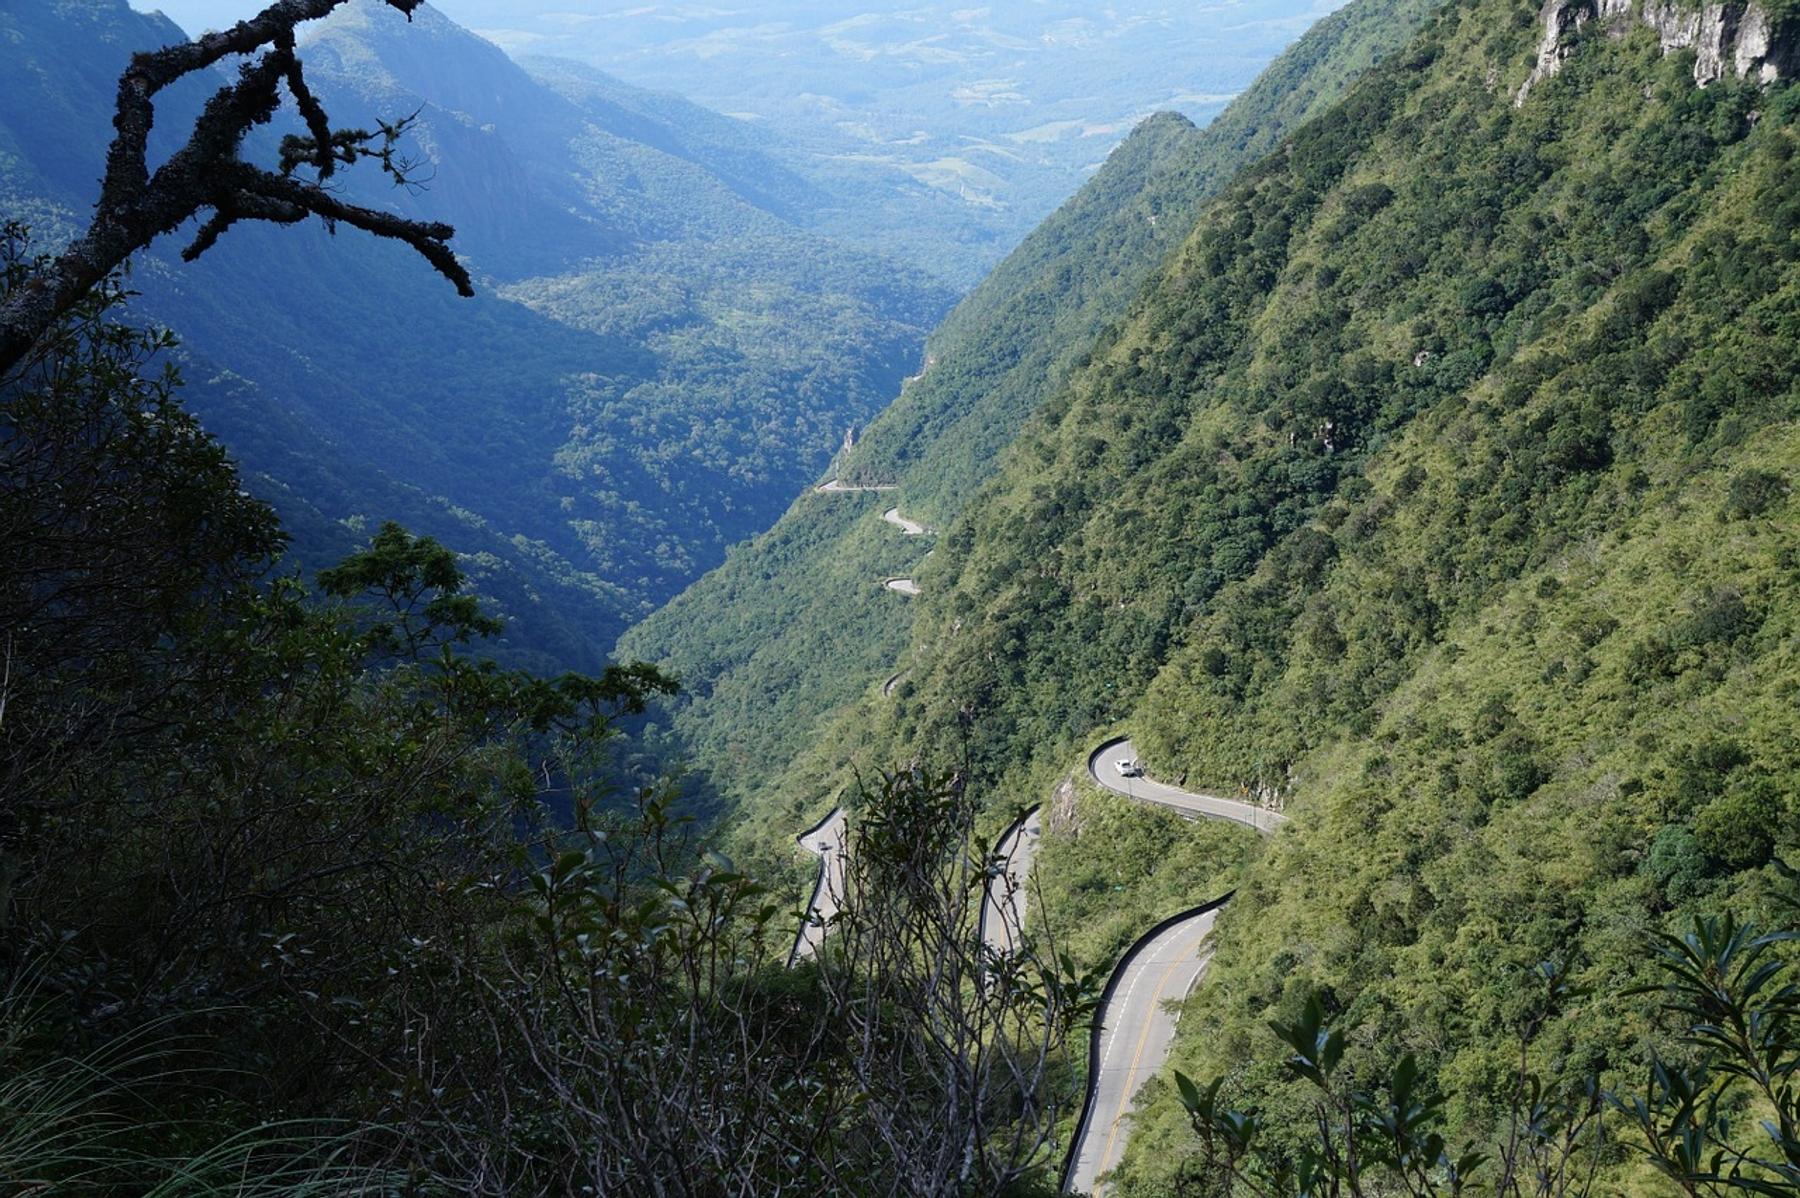 Foto da Serra do Rio do Rastro, uma das estradas mais bonitas do Brasil.